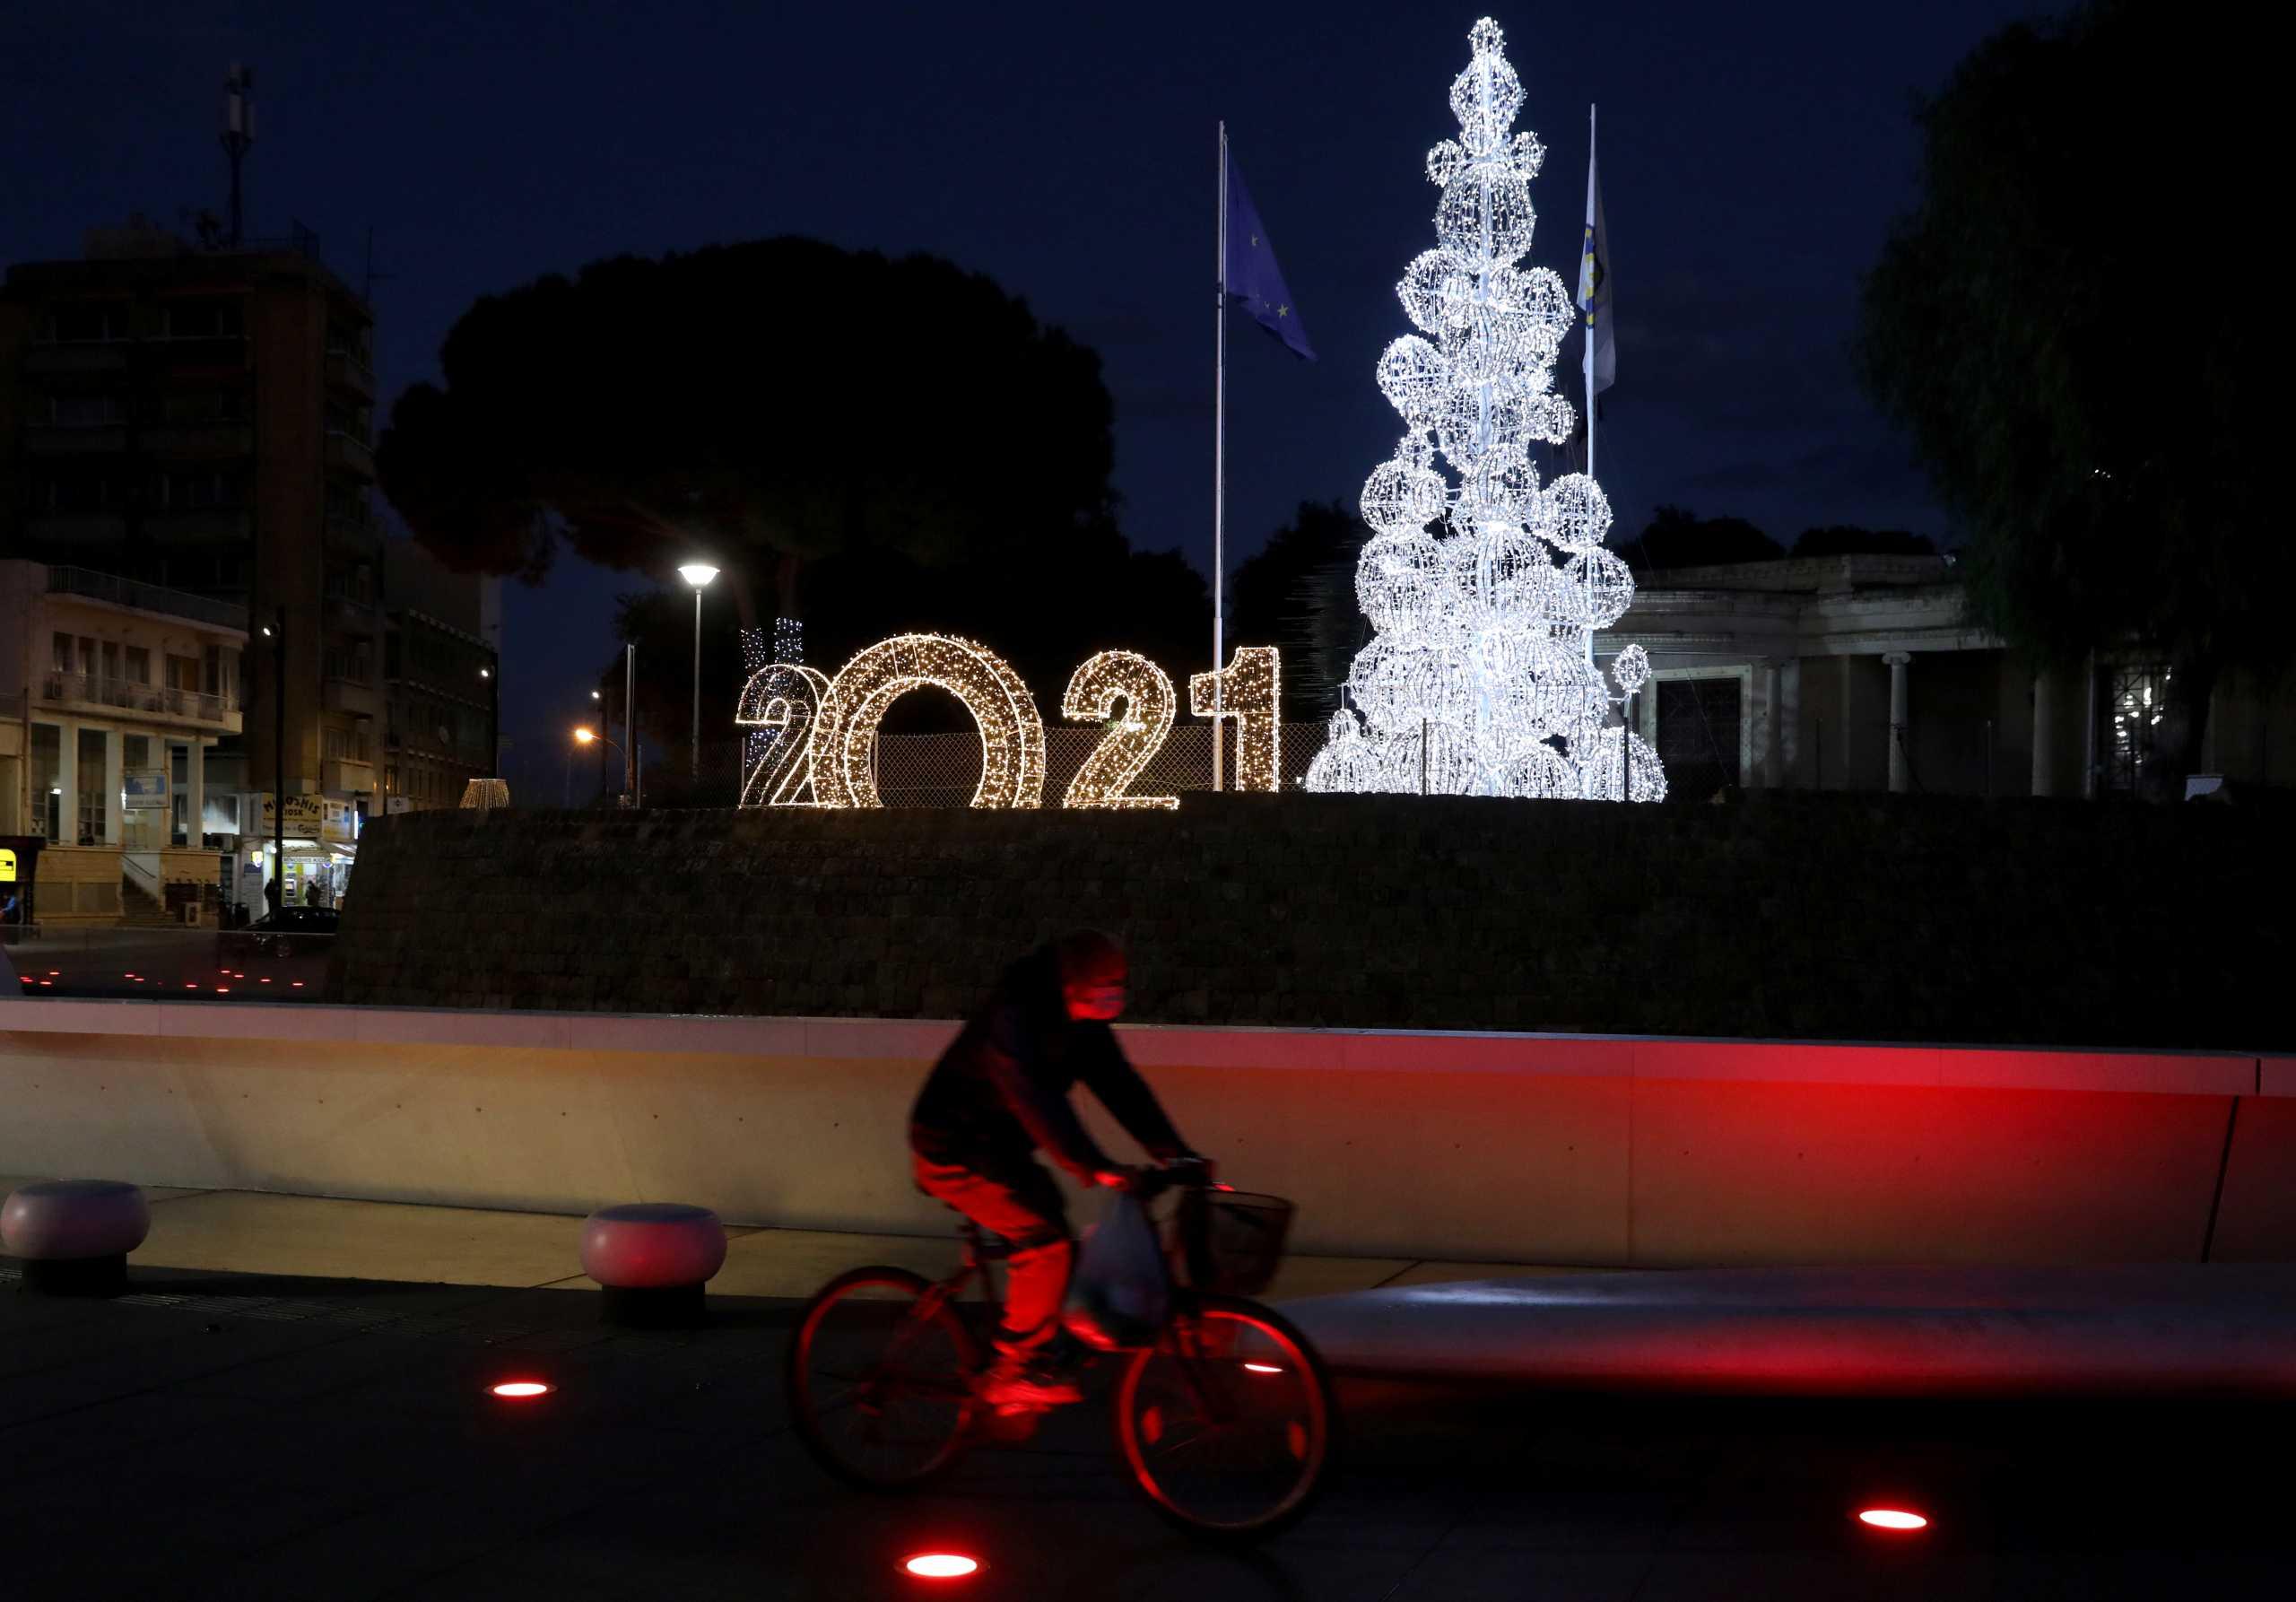 Κύπρος: Μέχρι 10 άτομα στα σπίτια την παραμονή της Πρωτοχρονιάς λόγω κορονοϊού